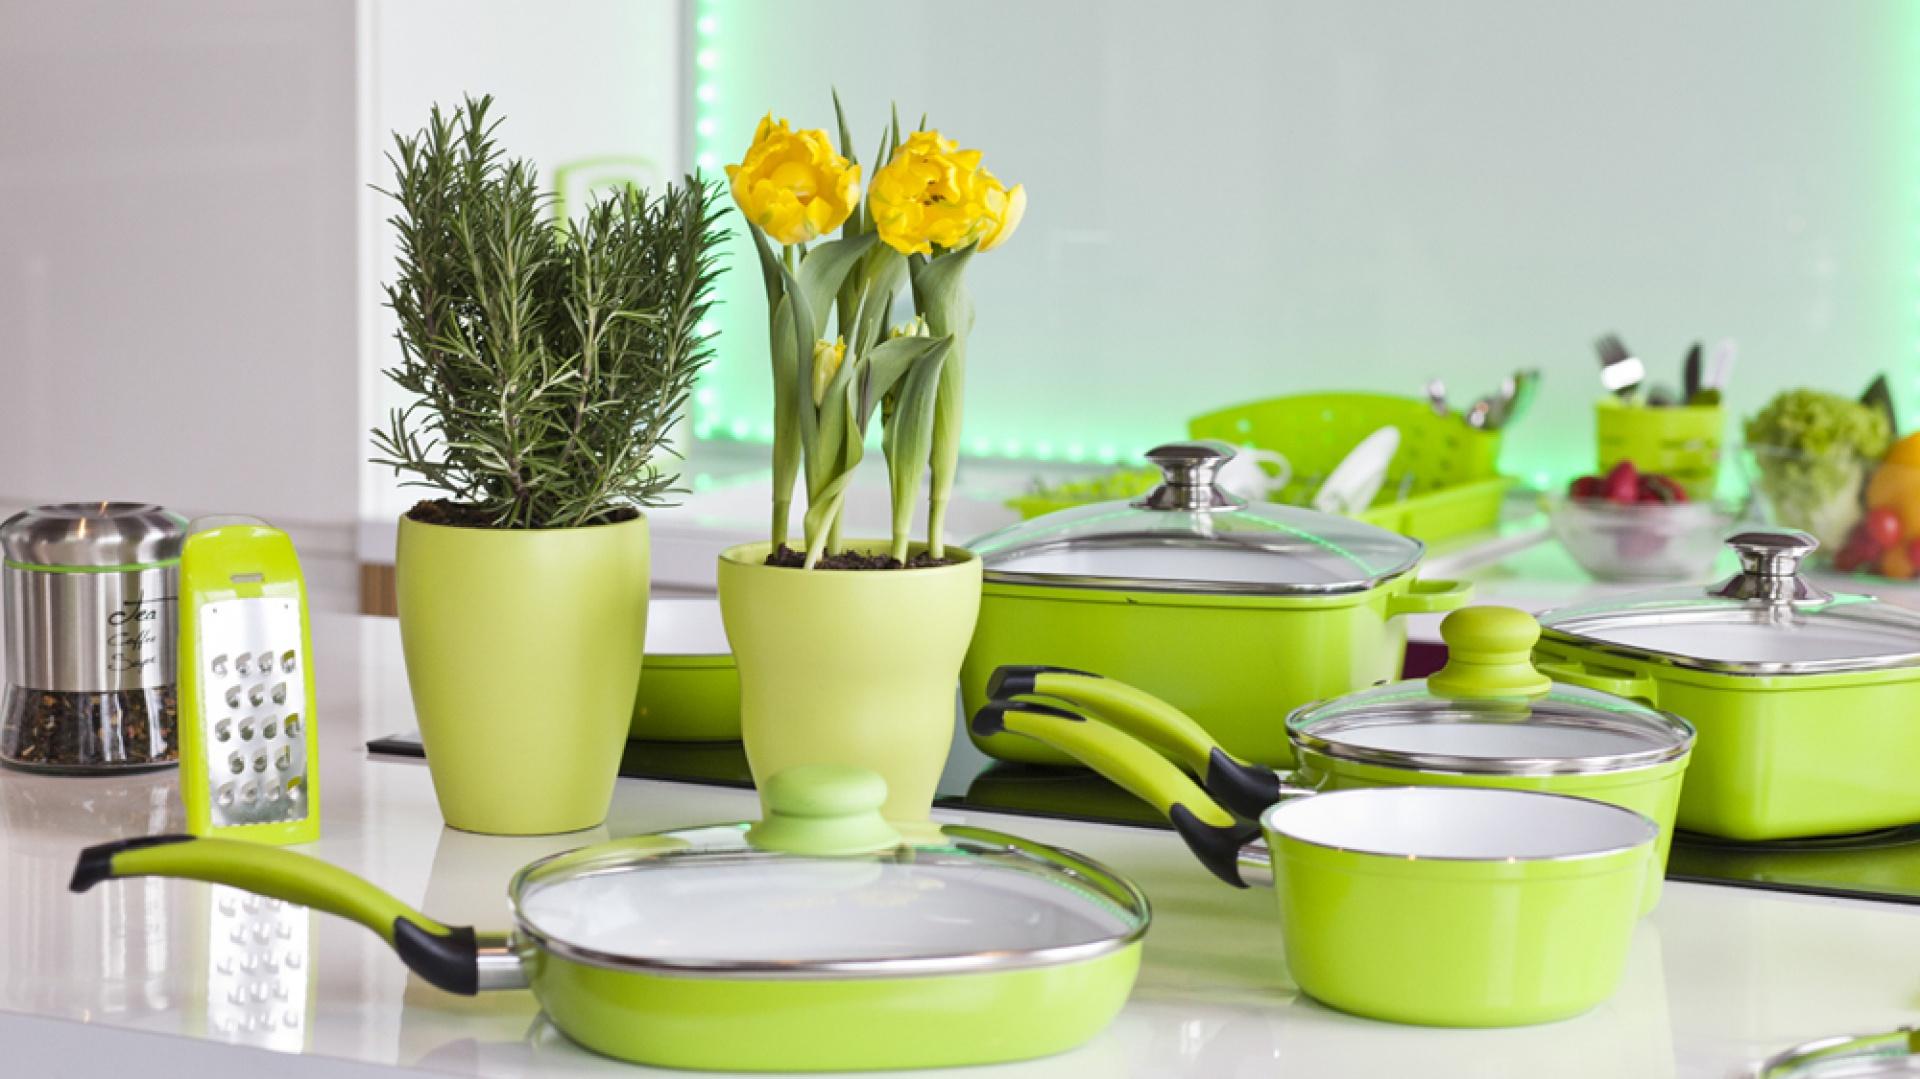 Zielone naczynia i akcesoria z kolekcji firmy Galicja dla Twojego Domu.